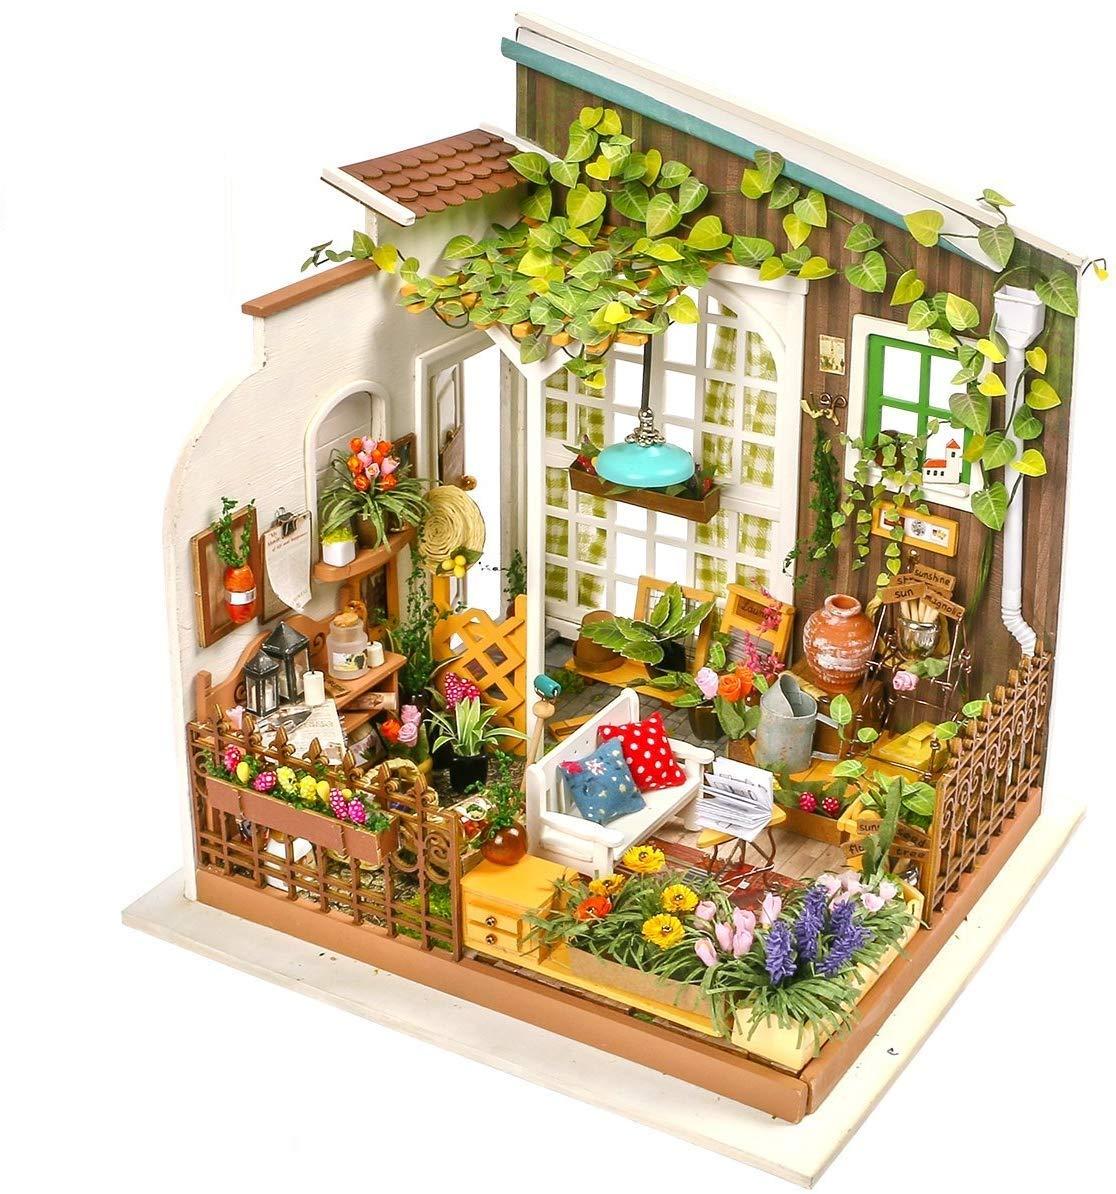 LZBBJ DIY casa de muñecas en Miniatura jardín Soleado Modelado Kits Hechos a Mano del Juguete Casa de muñecas de Madera adecuados para niños y niñas: Amazon.es: Hogar